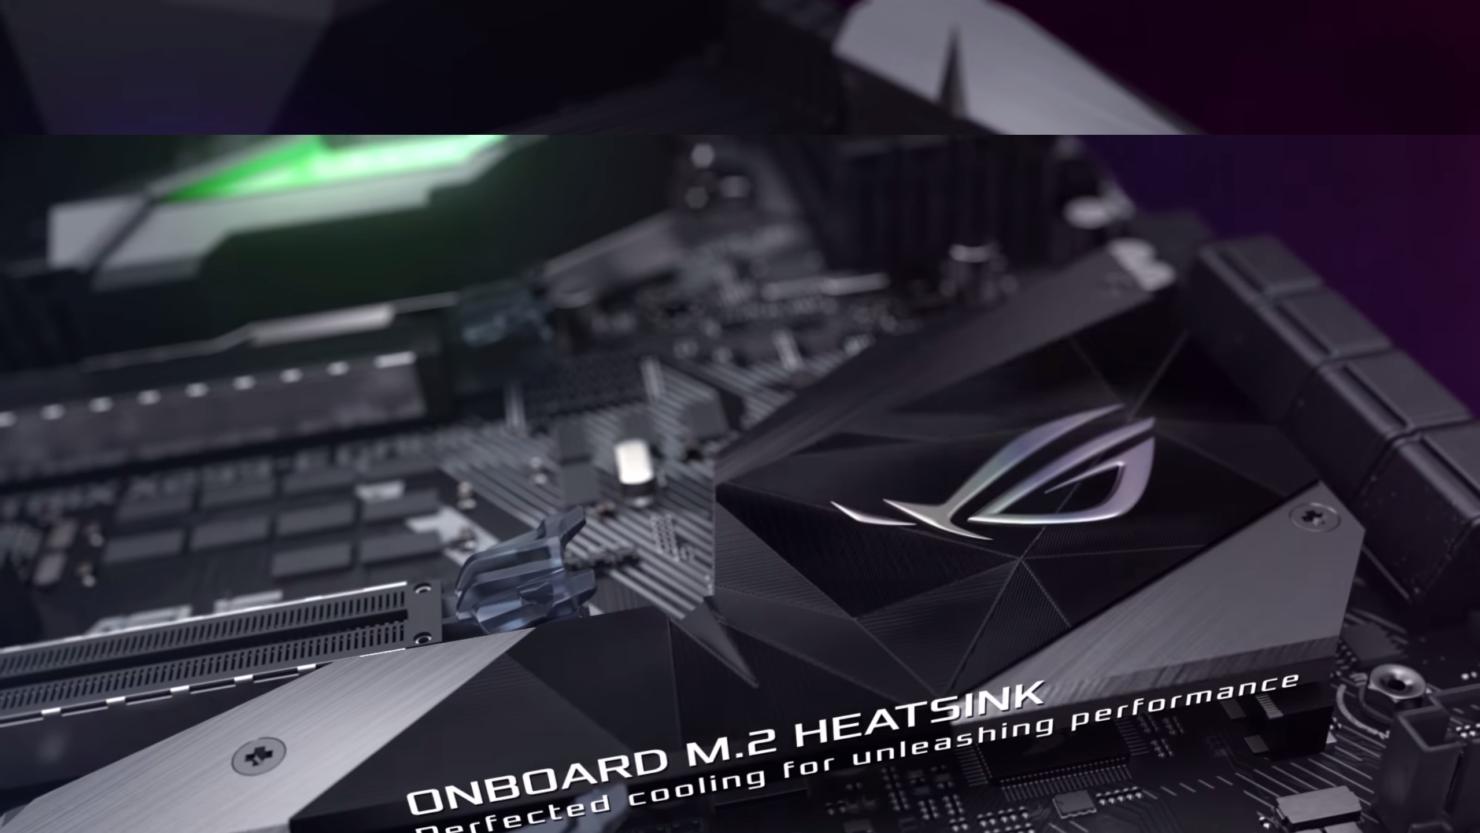 asus-rog-strix-x299-e-motherboard-intel-core-x-processors_4